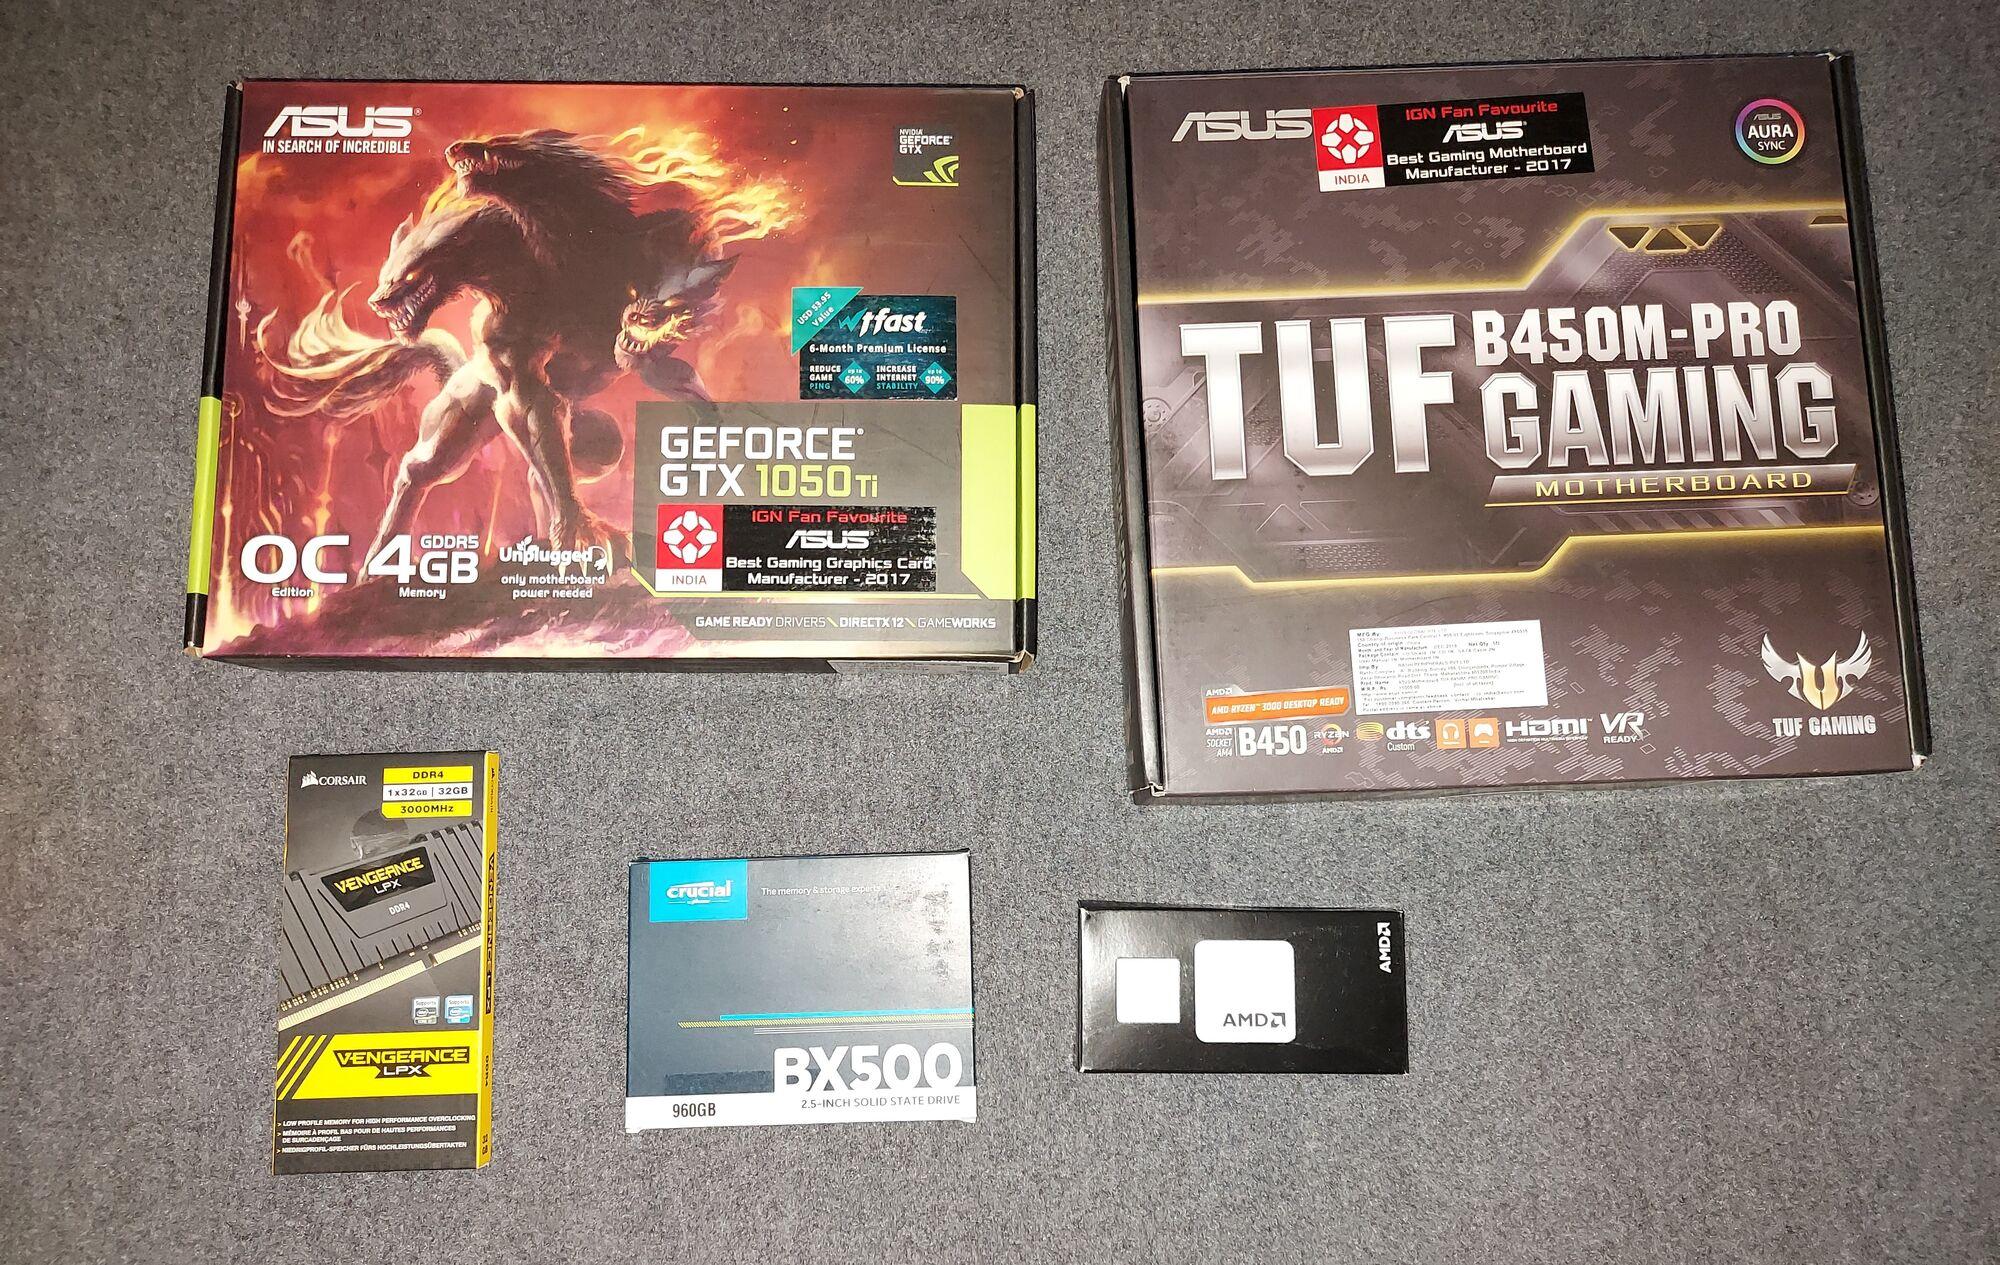 AMD Ryzen 7 3800X, ASUS TUF B450M-Pro Gaming Motherboard & ASUS Geforce GTX 1050Ti